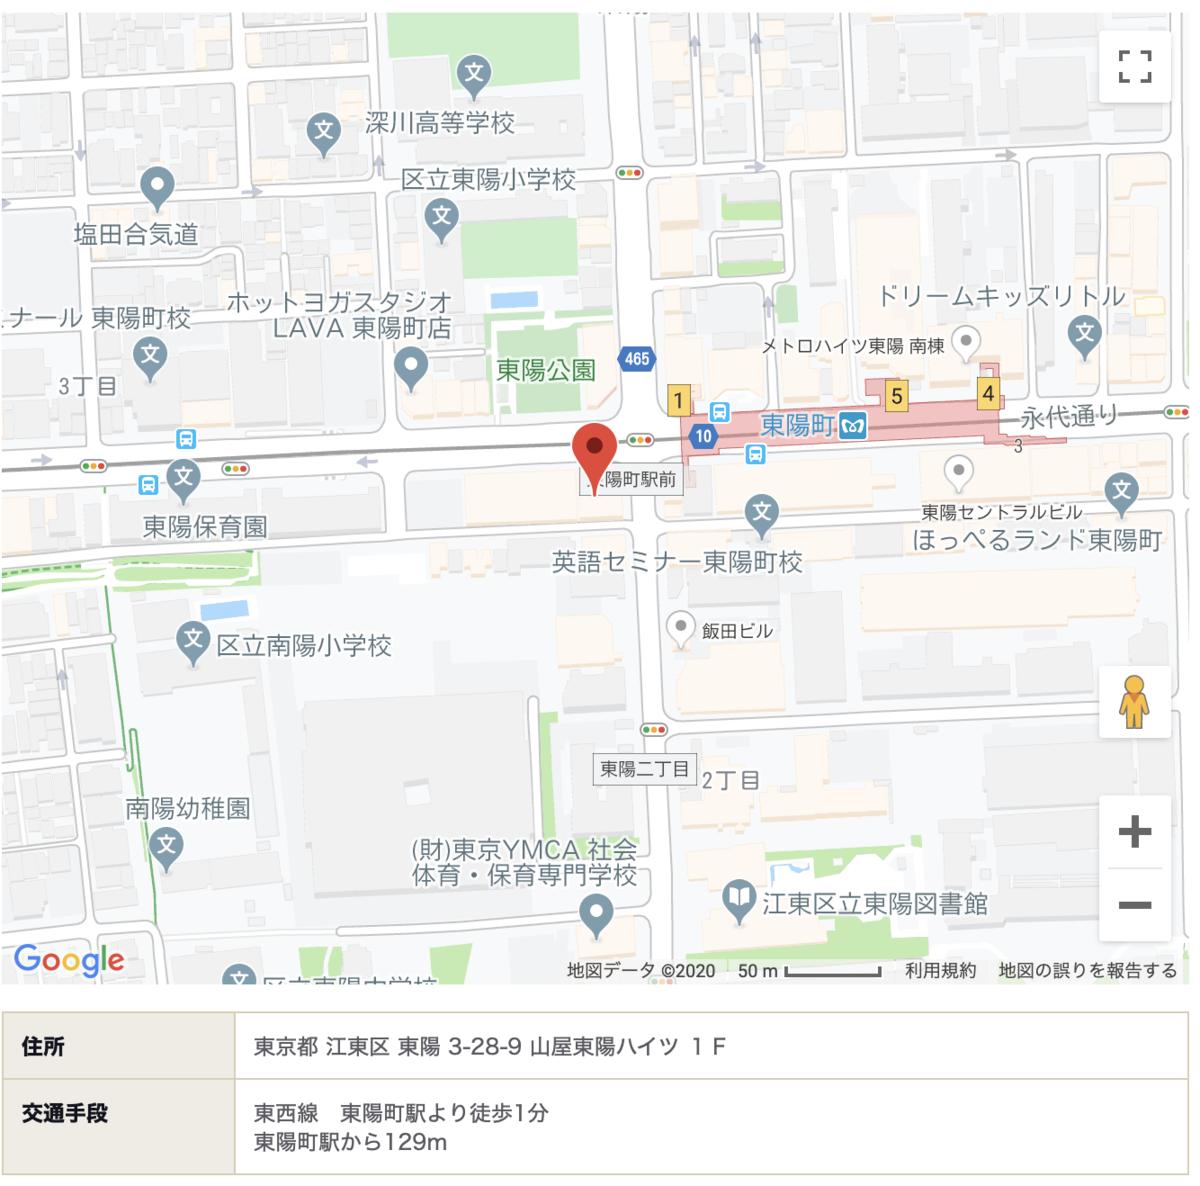 f:id:yoshi32blog:20200204183304p:plain